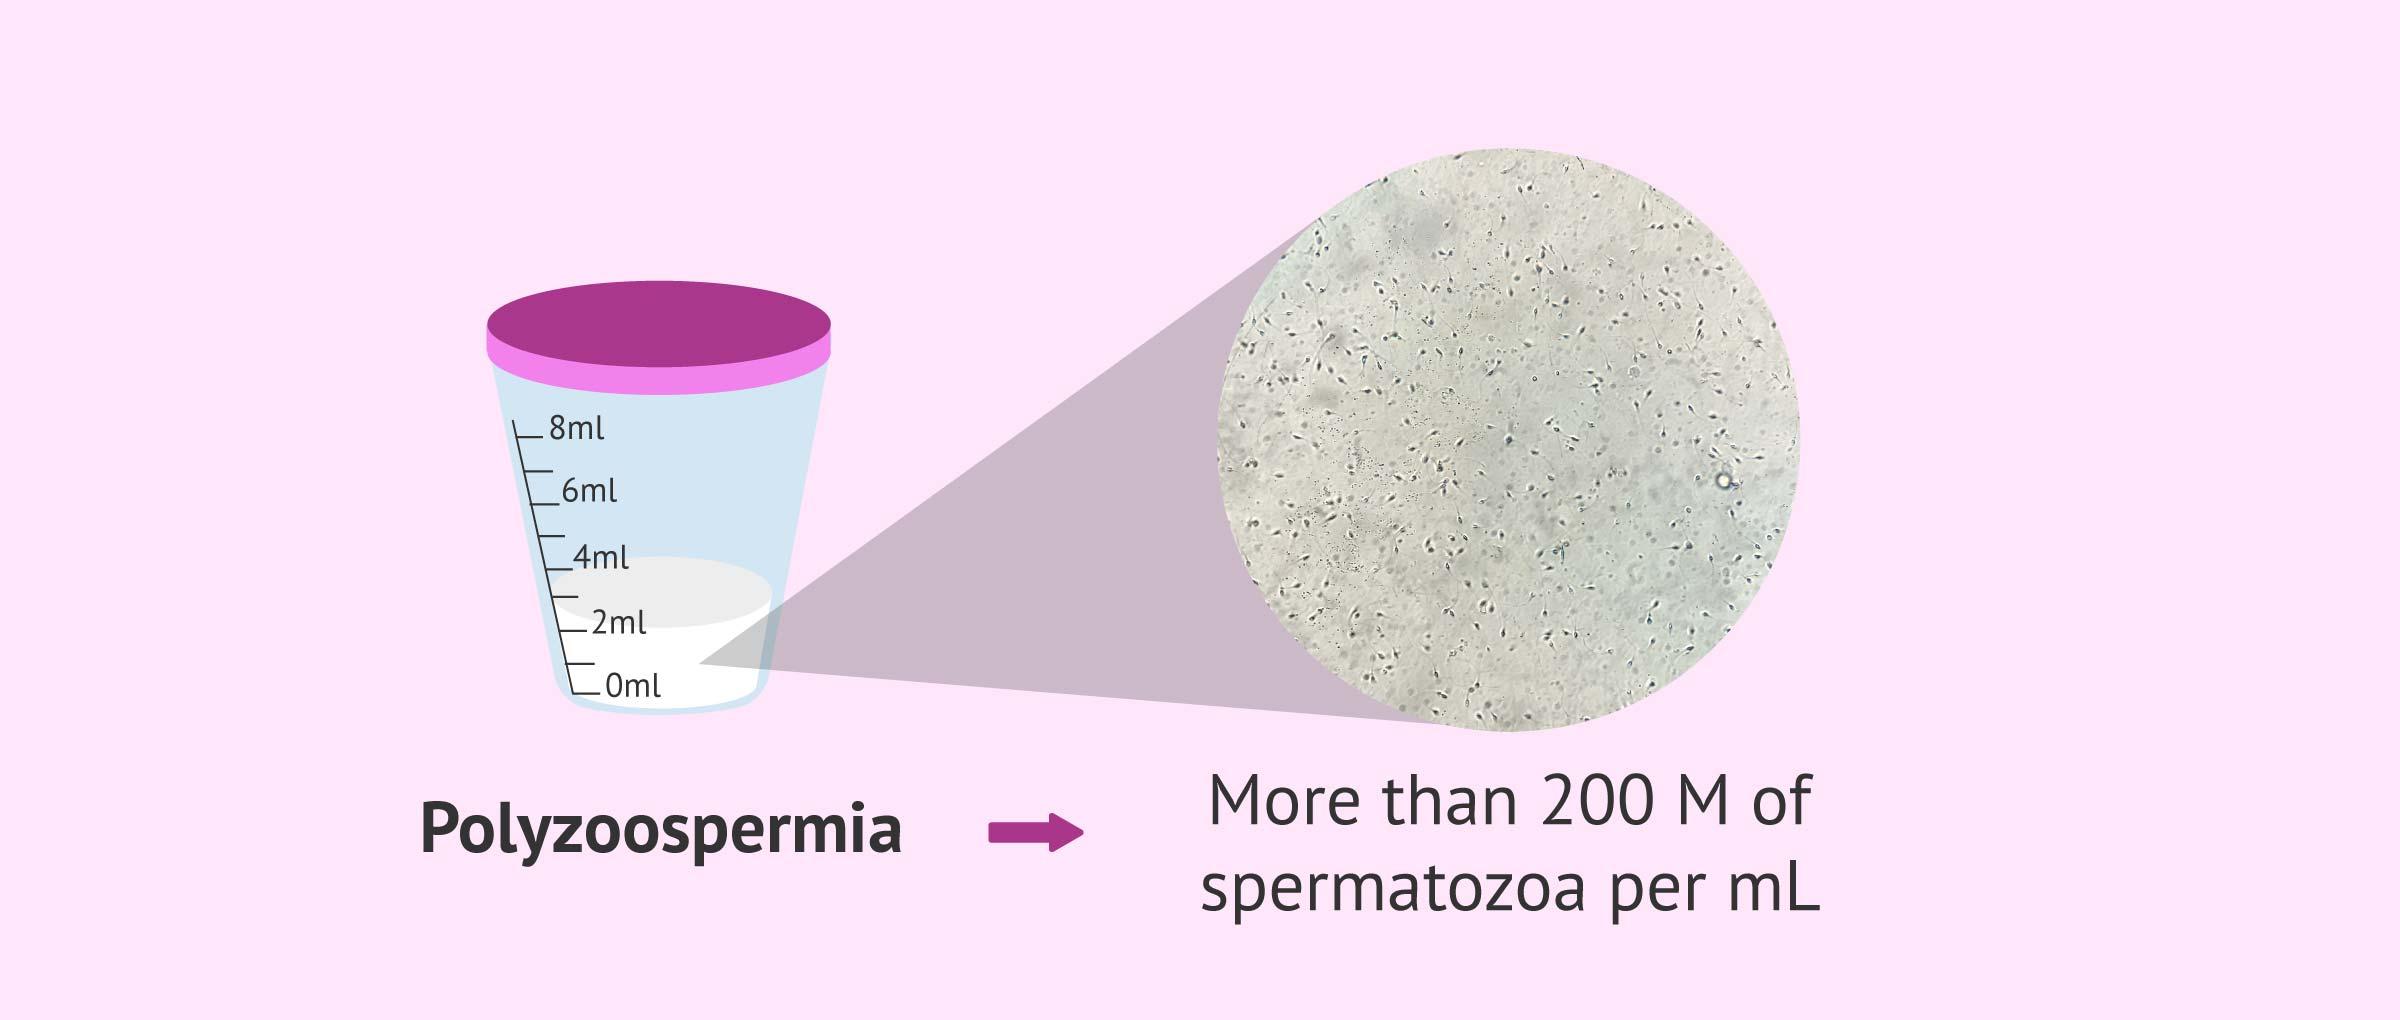 polyzoospermia